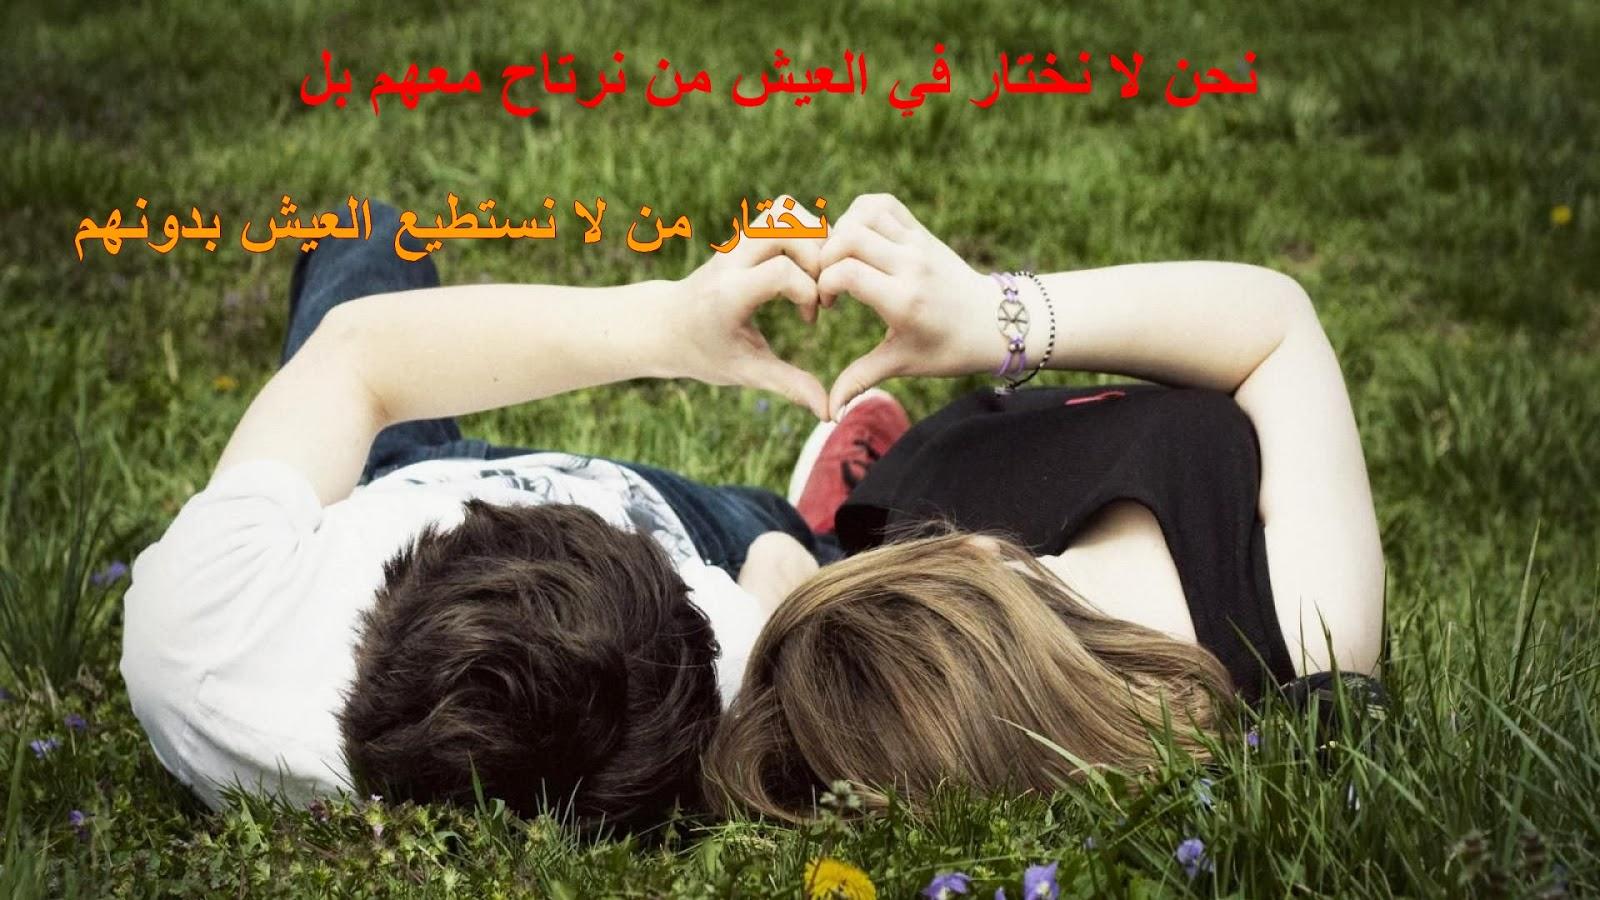 بالصور صور عبارات حب , الحب يجدد الامل 5280 4